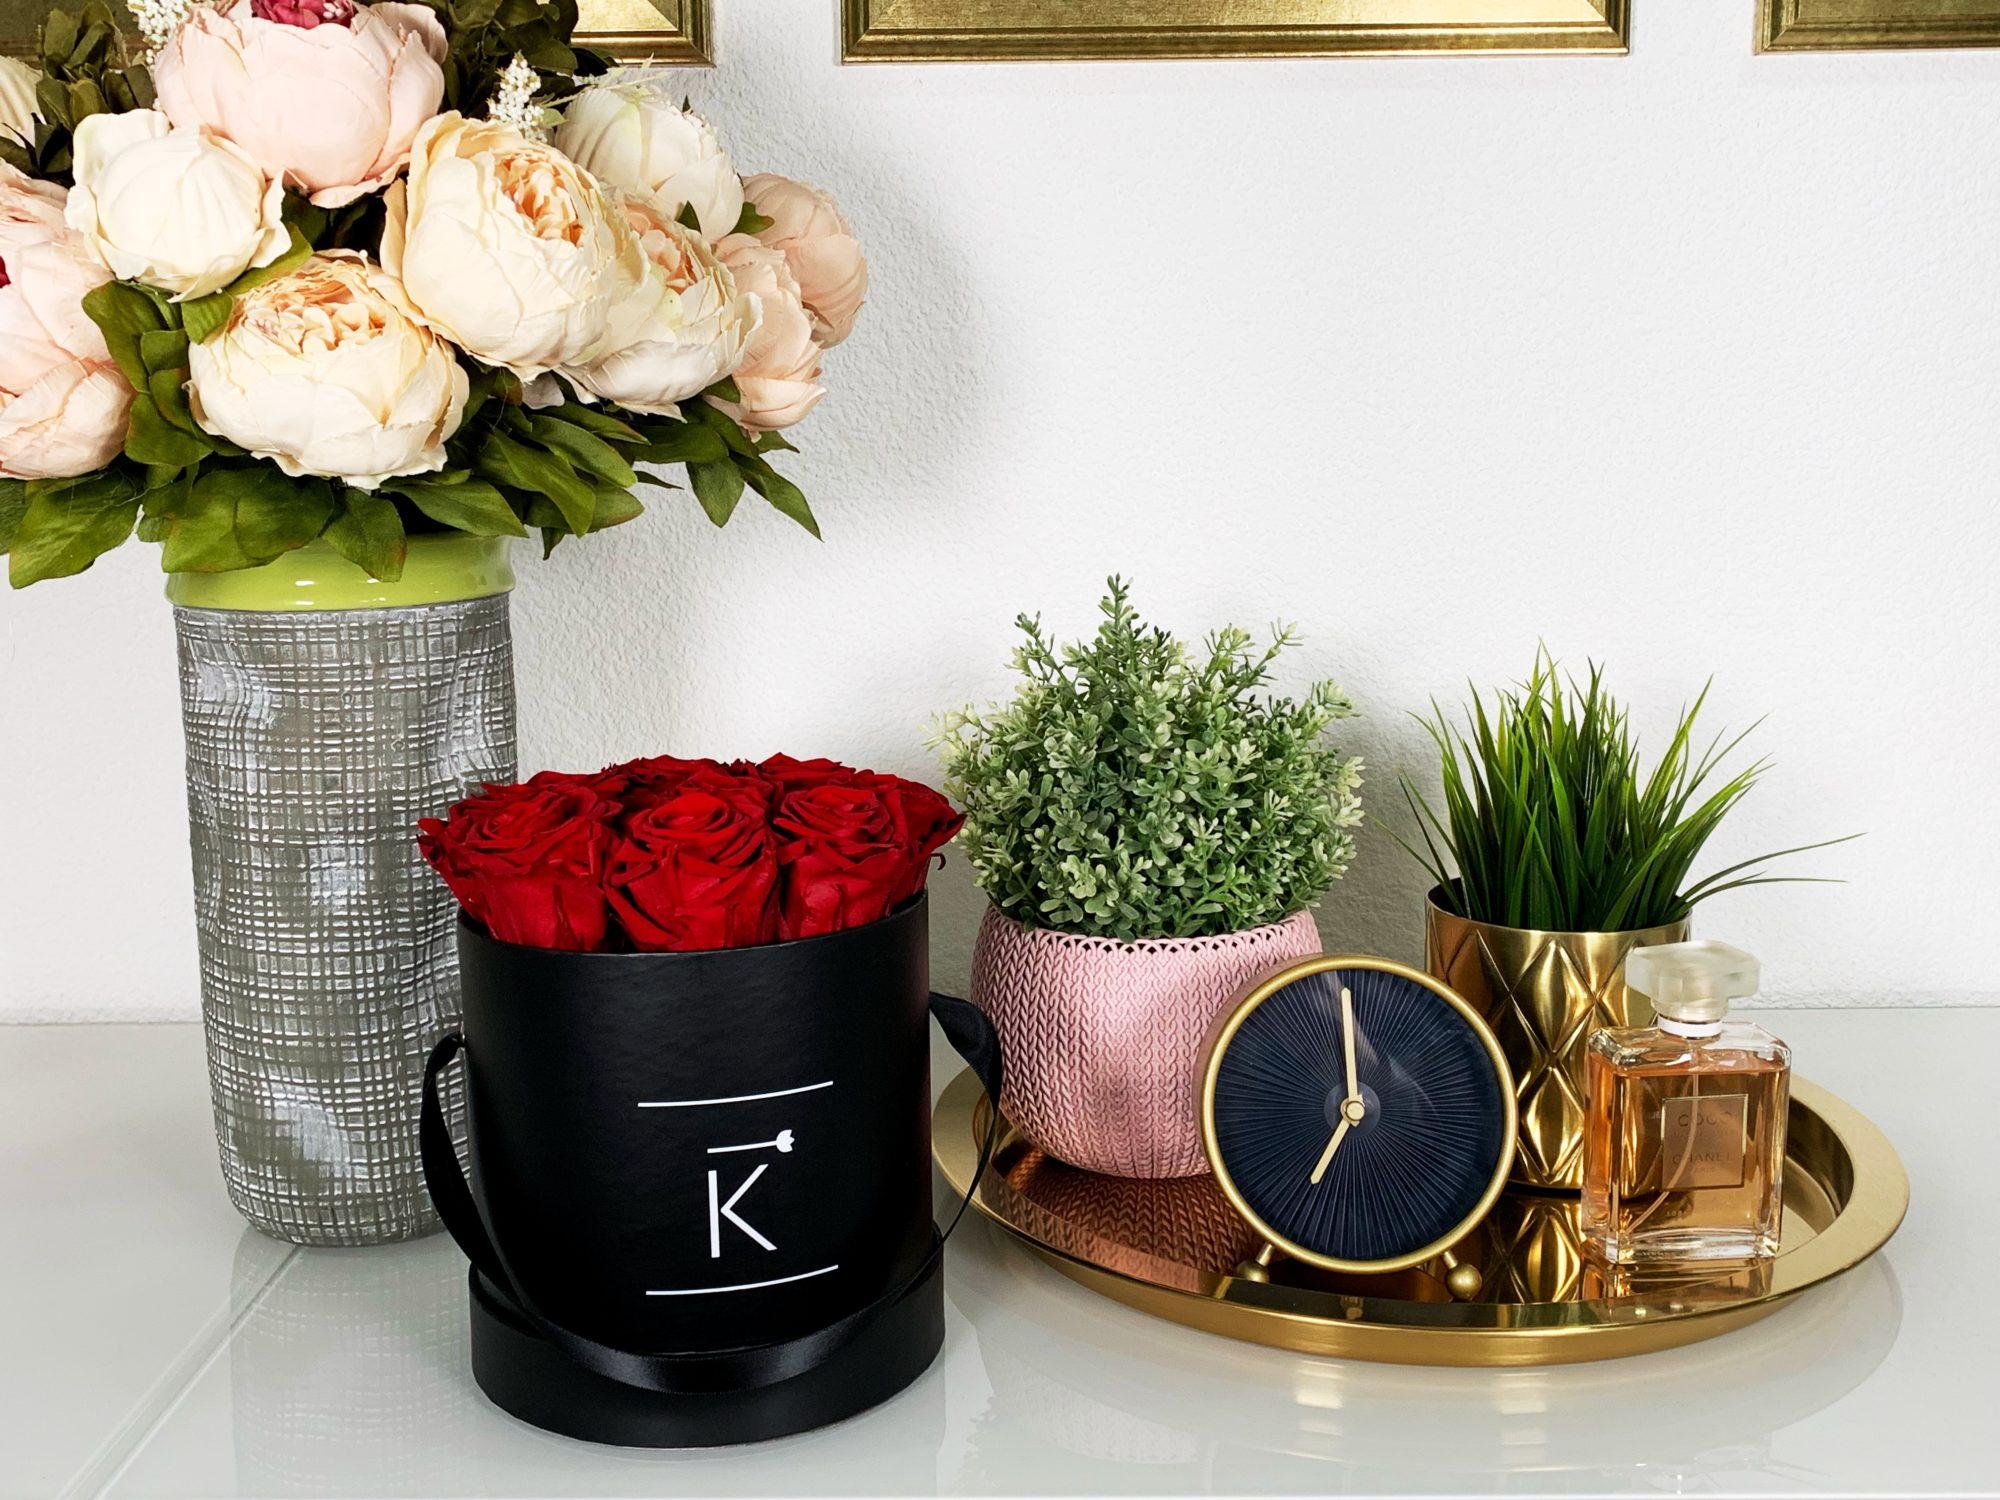 Schwarze Rosenbox mit roten Infinityrosen steht auf einer Kommode, im Hintergrund ist ein Blumestrauß und ein Dekotablett zu sehen